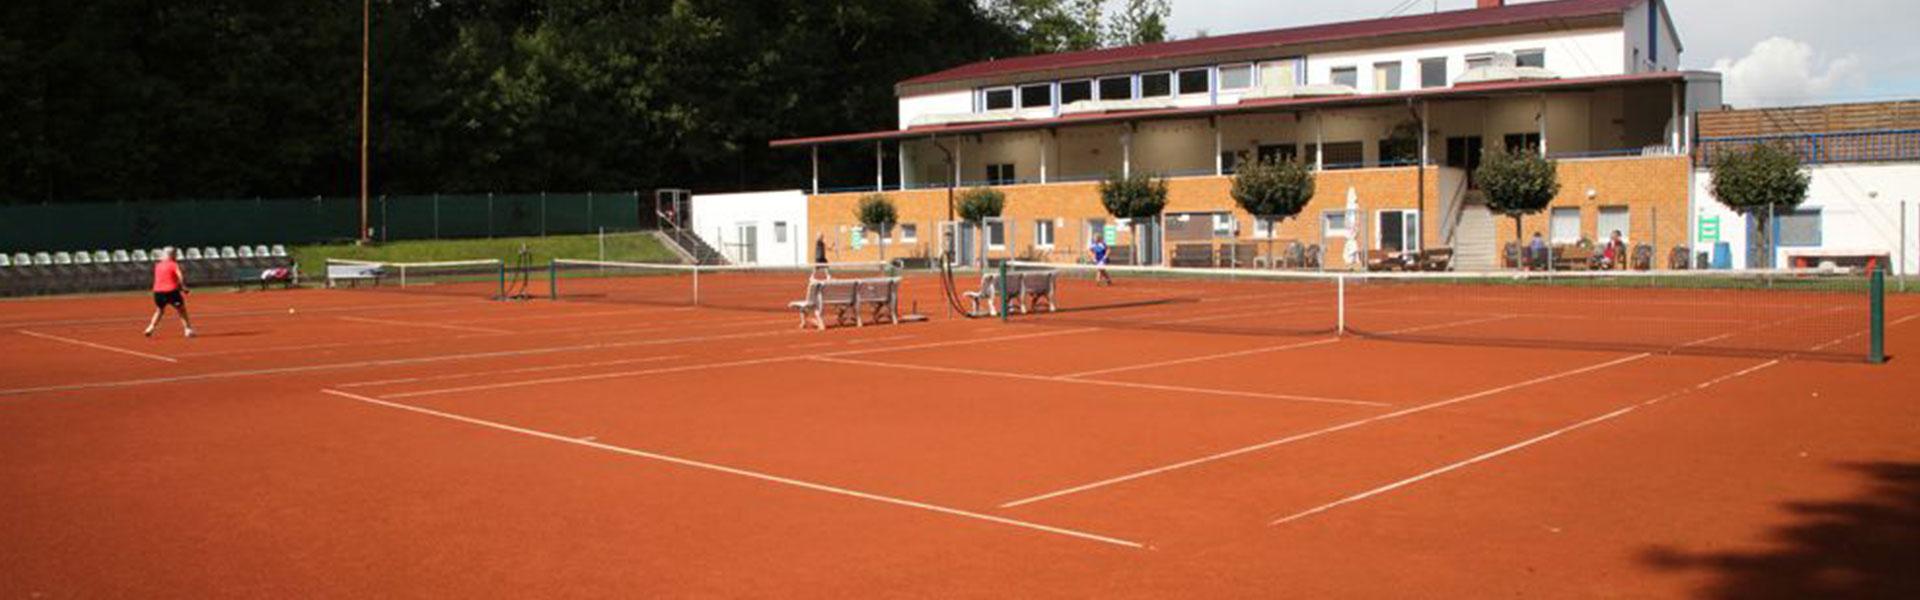 Tennis-SC-Stammheim-Anlage